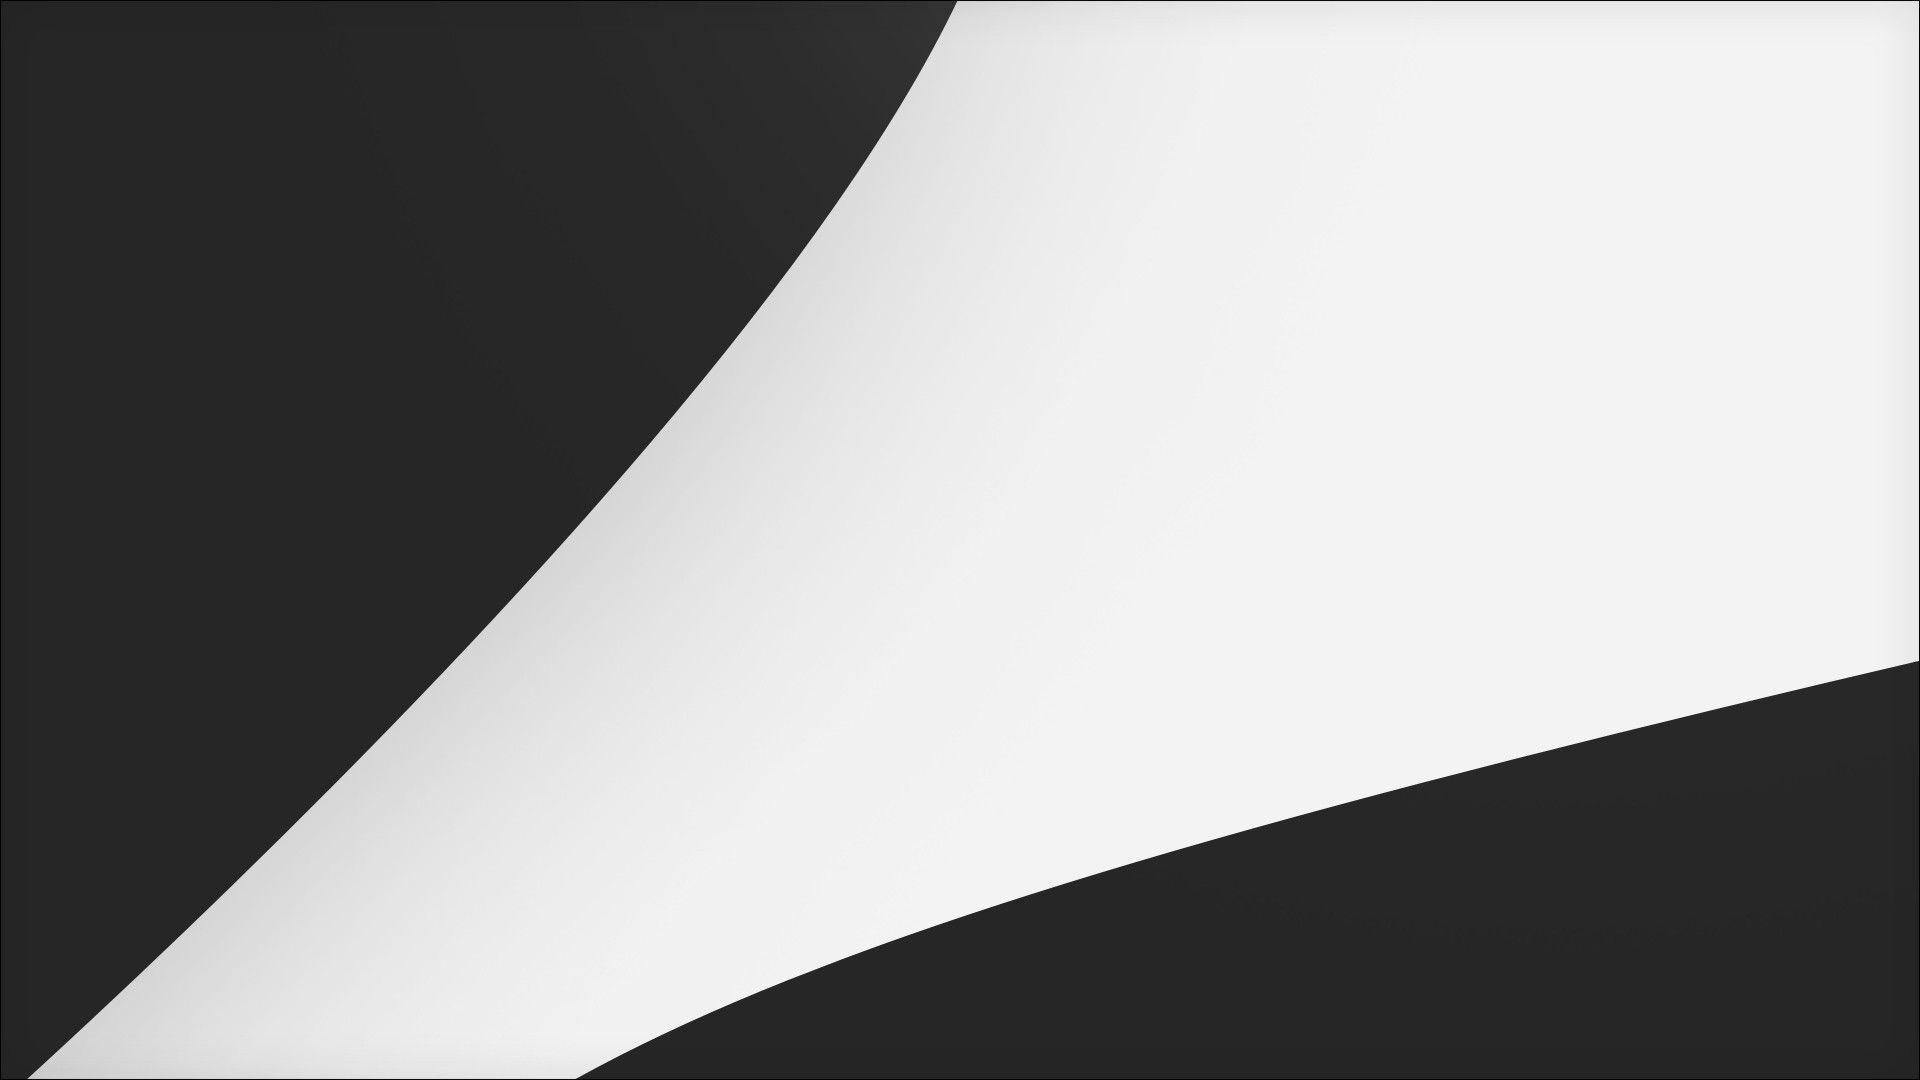 Hình nền trắng đen cho powerpoint